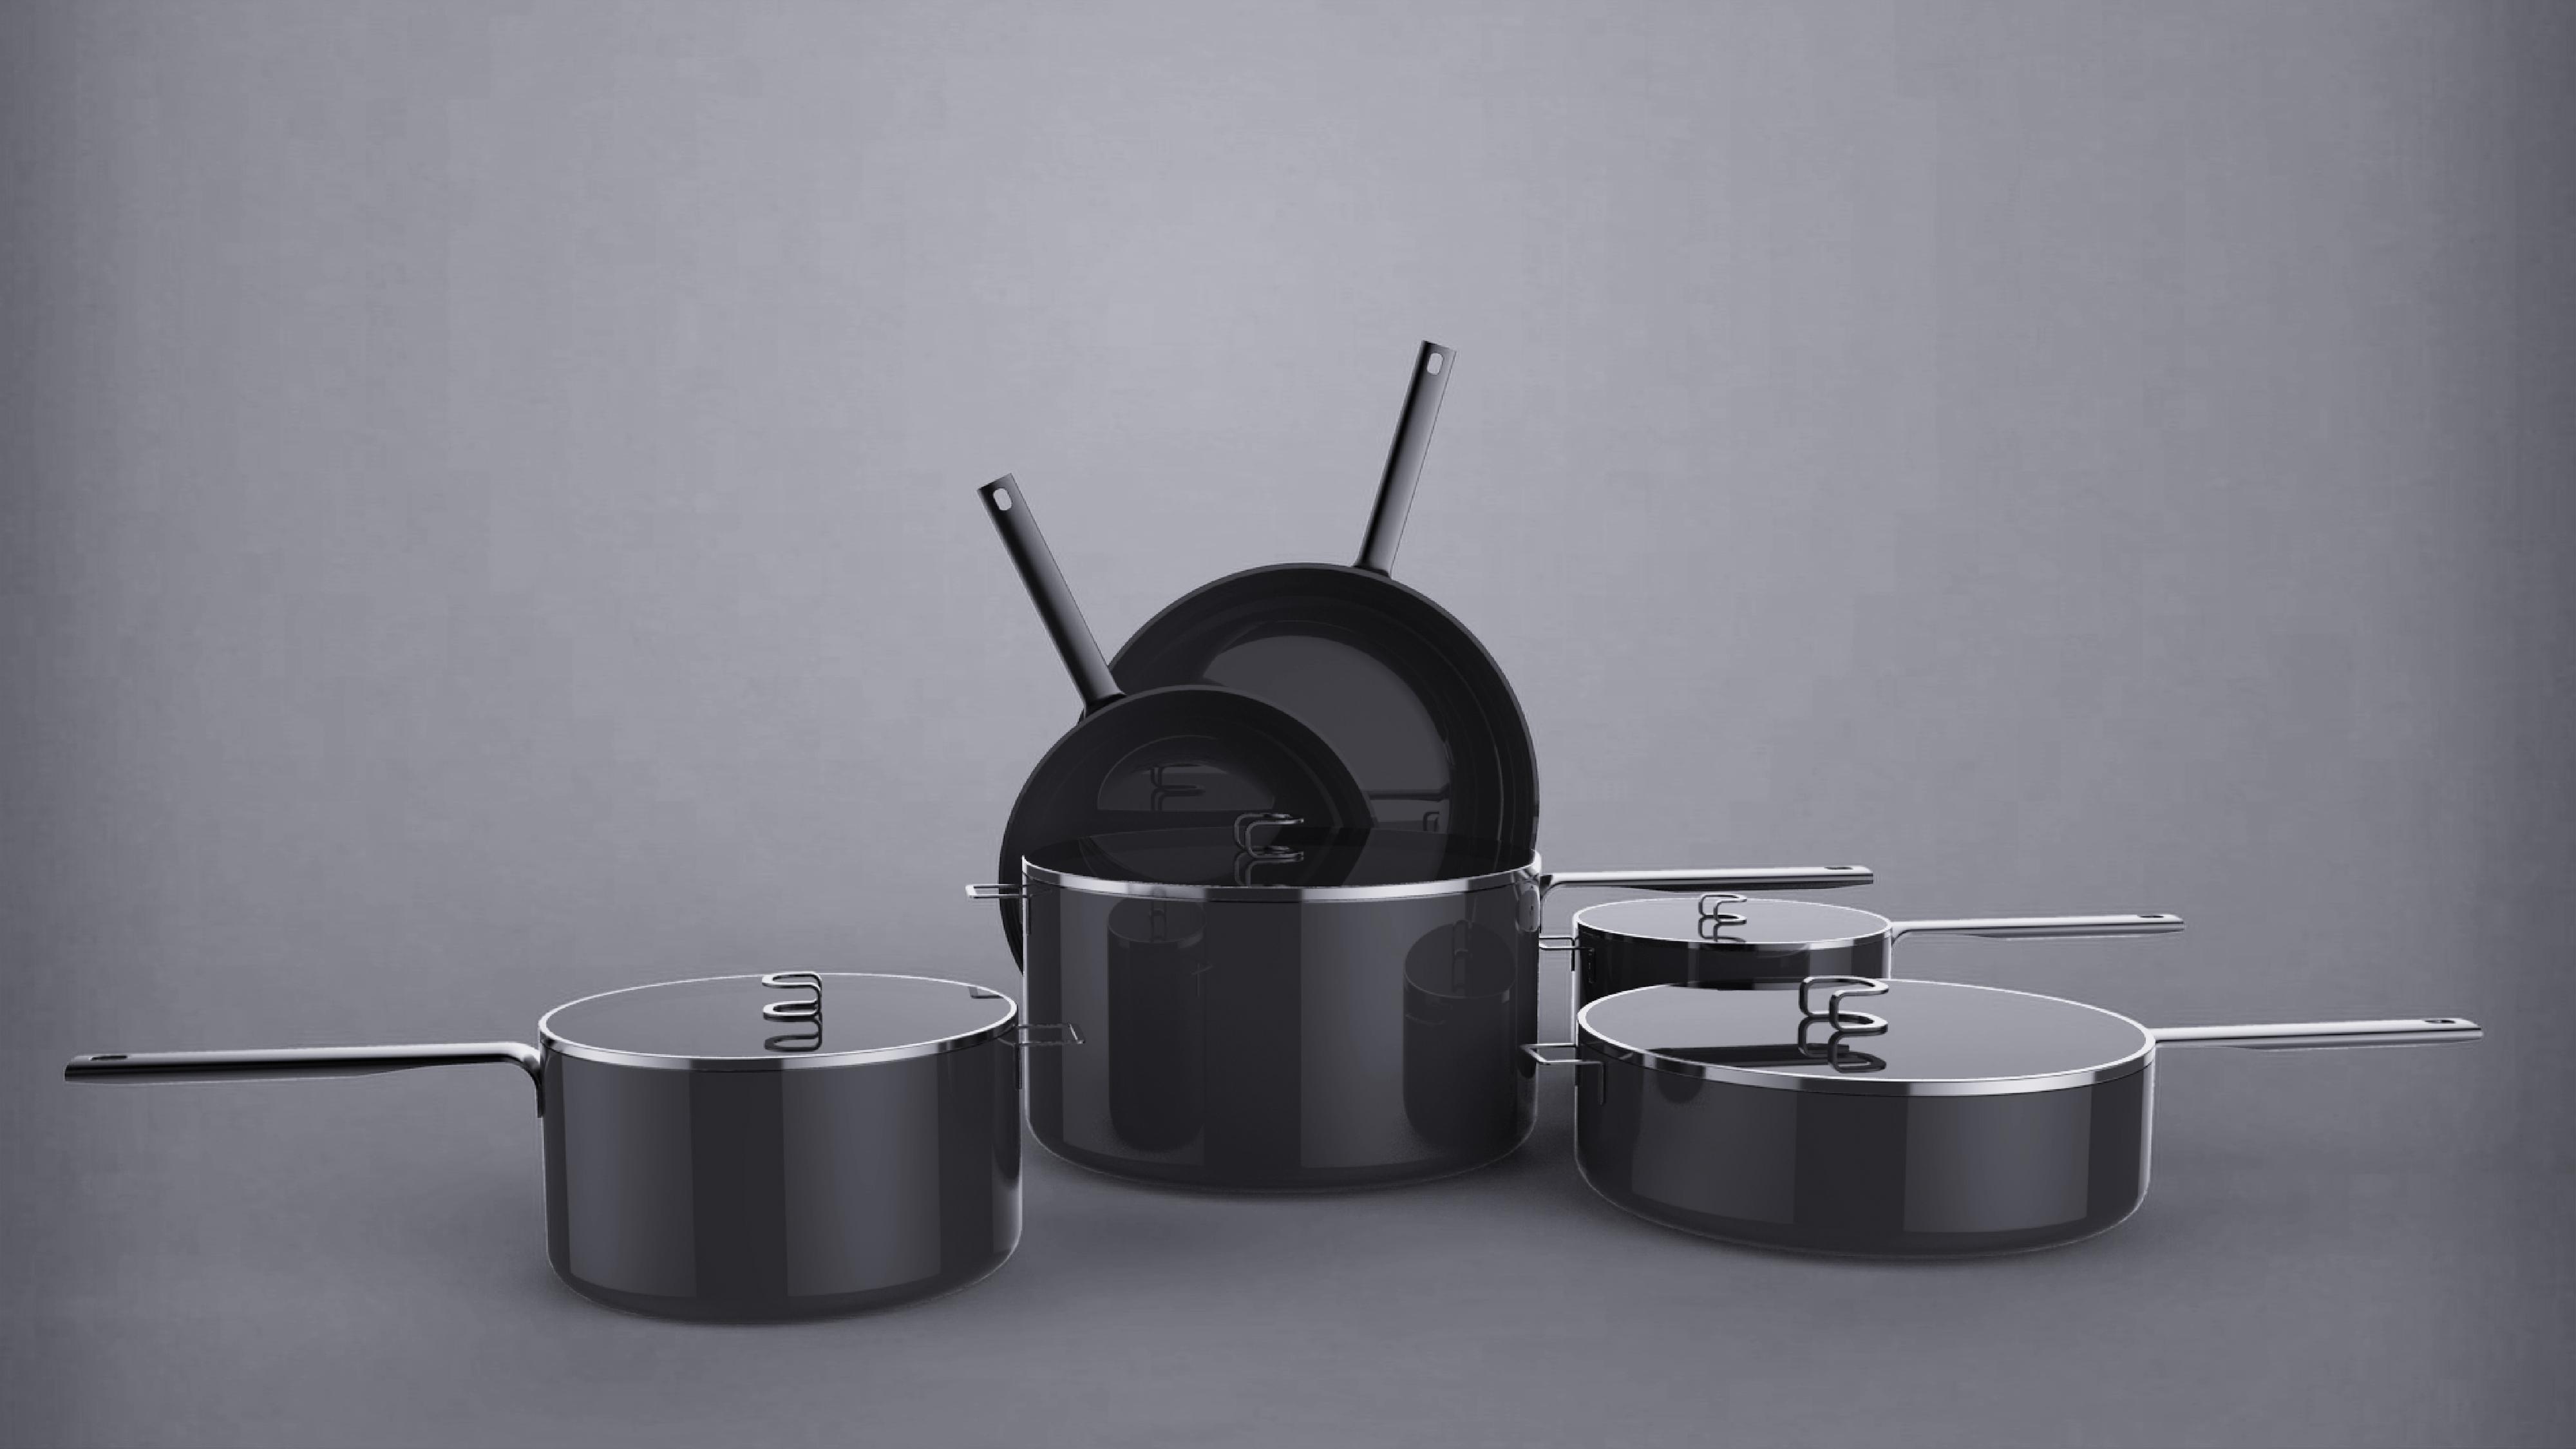 家电家居/水壶水杯/保温杯/净水机/软水机/锅/咖啡机/热水